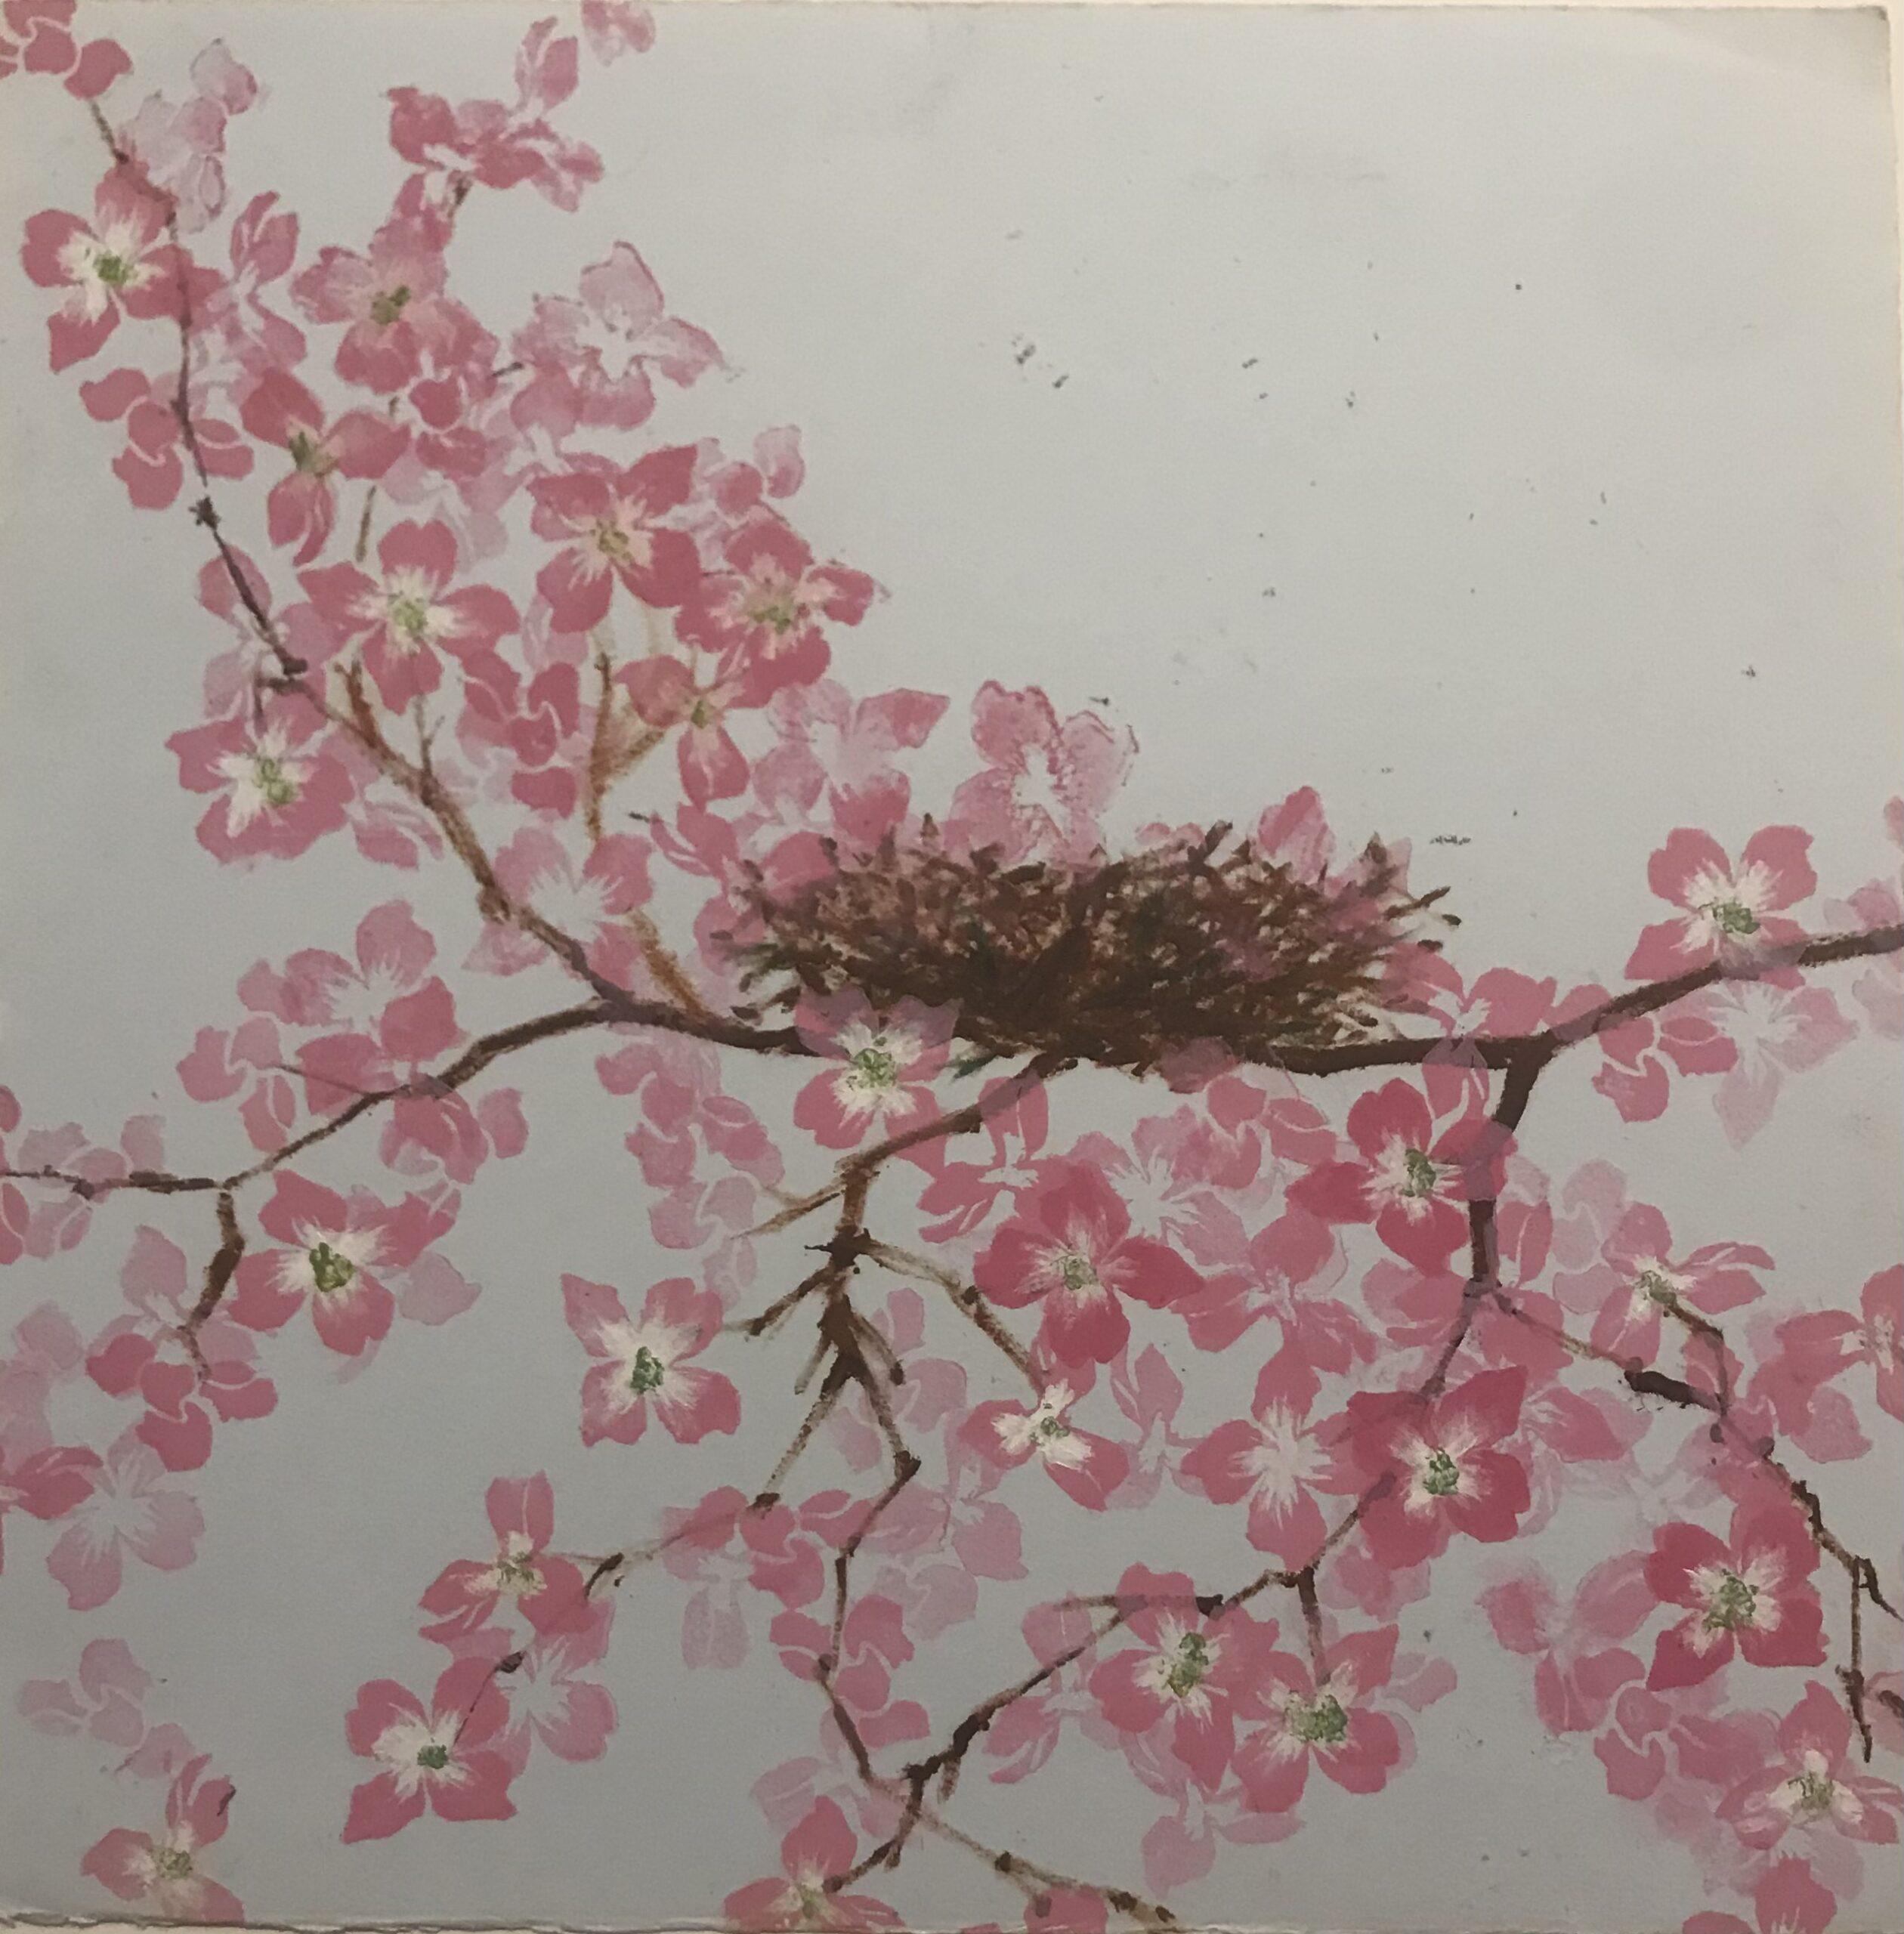 """Sheila Fane, New Spring. Nest, Monotype, 11""""x11"""" (16""""x16"""" framed), $400"""